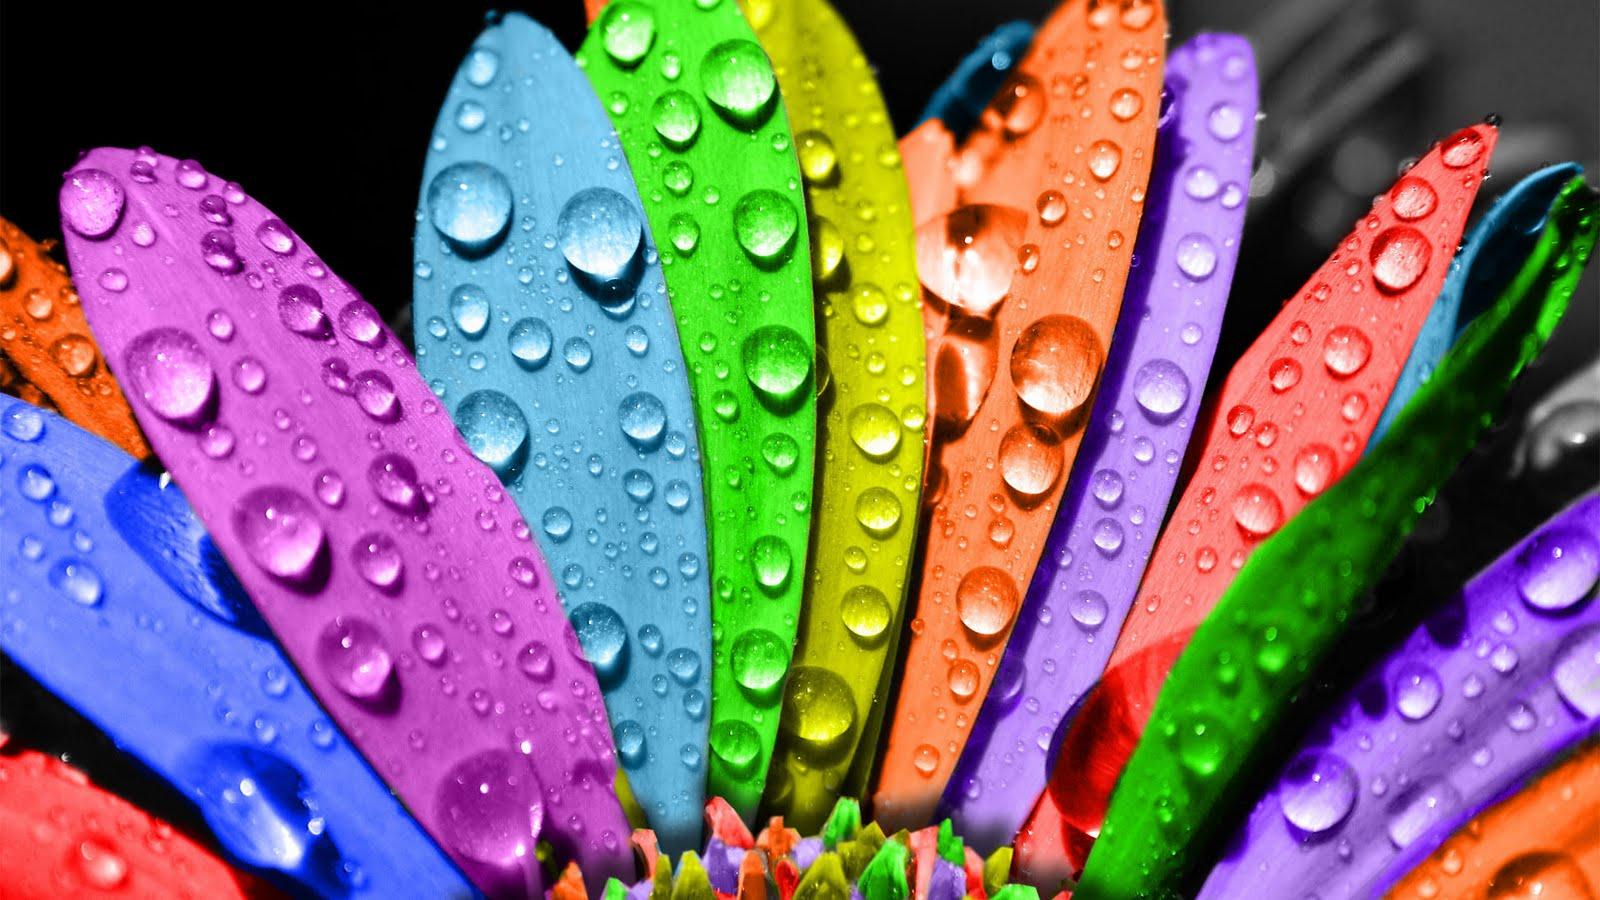 http://3.bp.blogspot.com/-5aHlwsSkIFo/TmdyOI3EIZI/AAAAAAAADlo/MnPr7gQ7r_4/s1600/beautiful_seven_colors_flowers_wallpaper-1920x1080.jpg